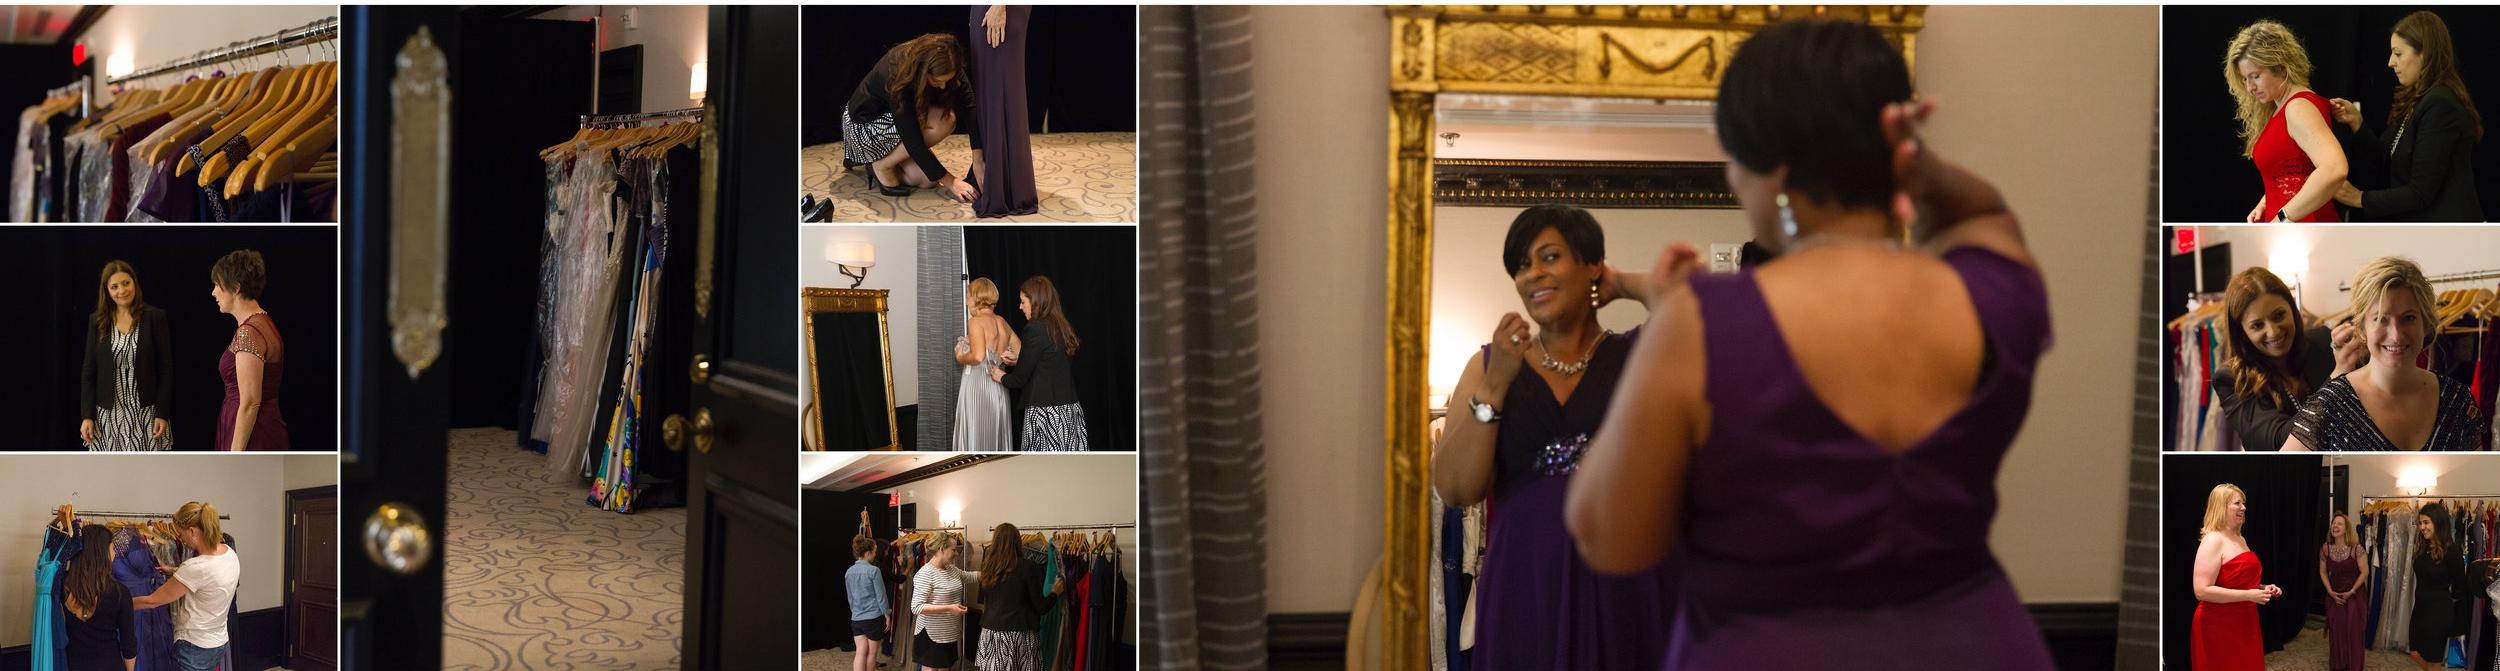 Essayage des robes au Ritz-Carlton de Montréal en début de semaine